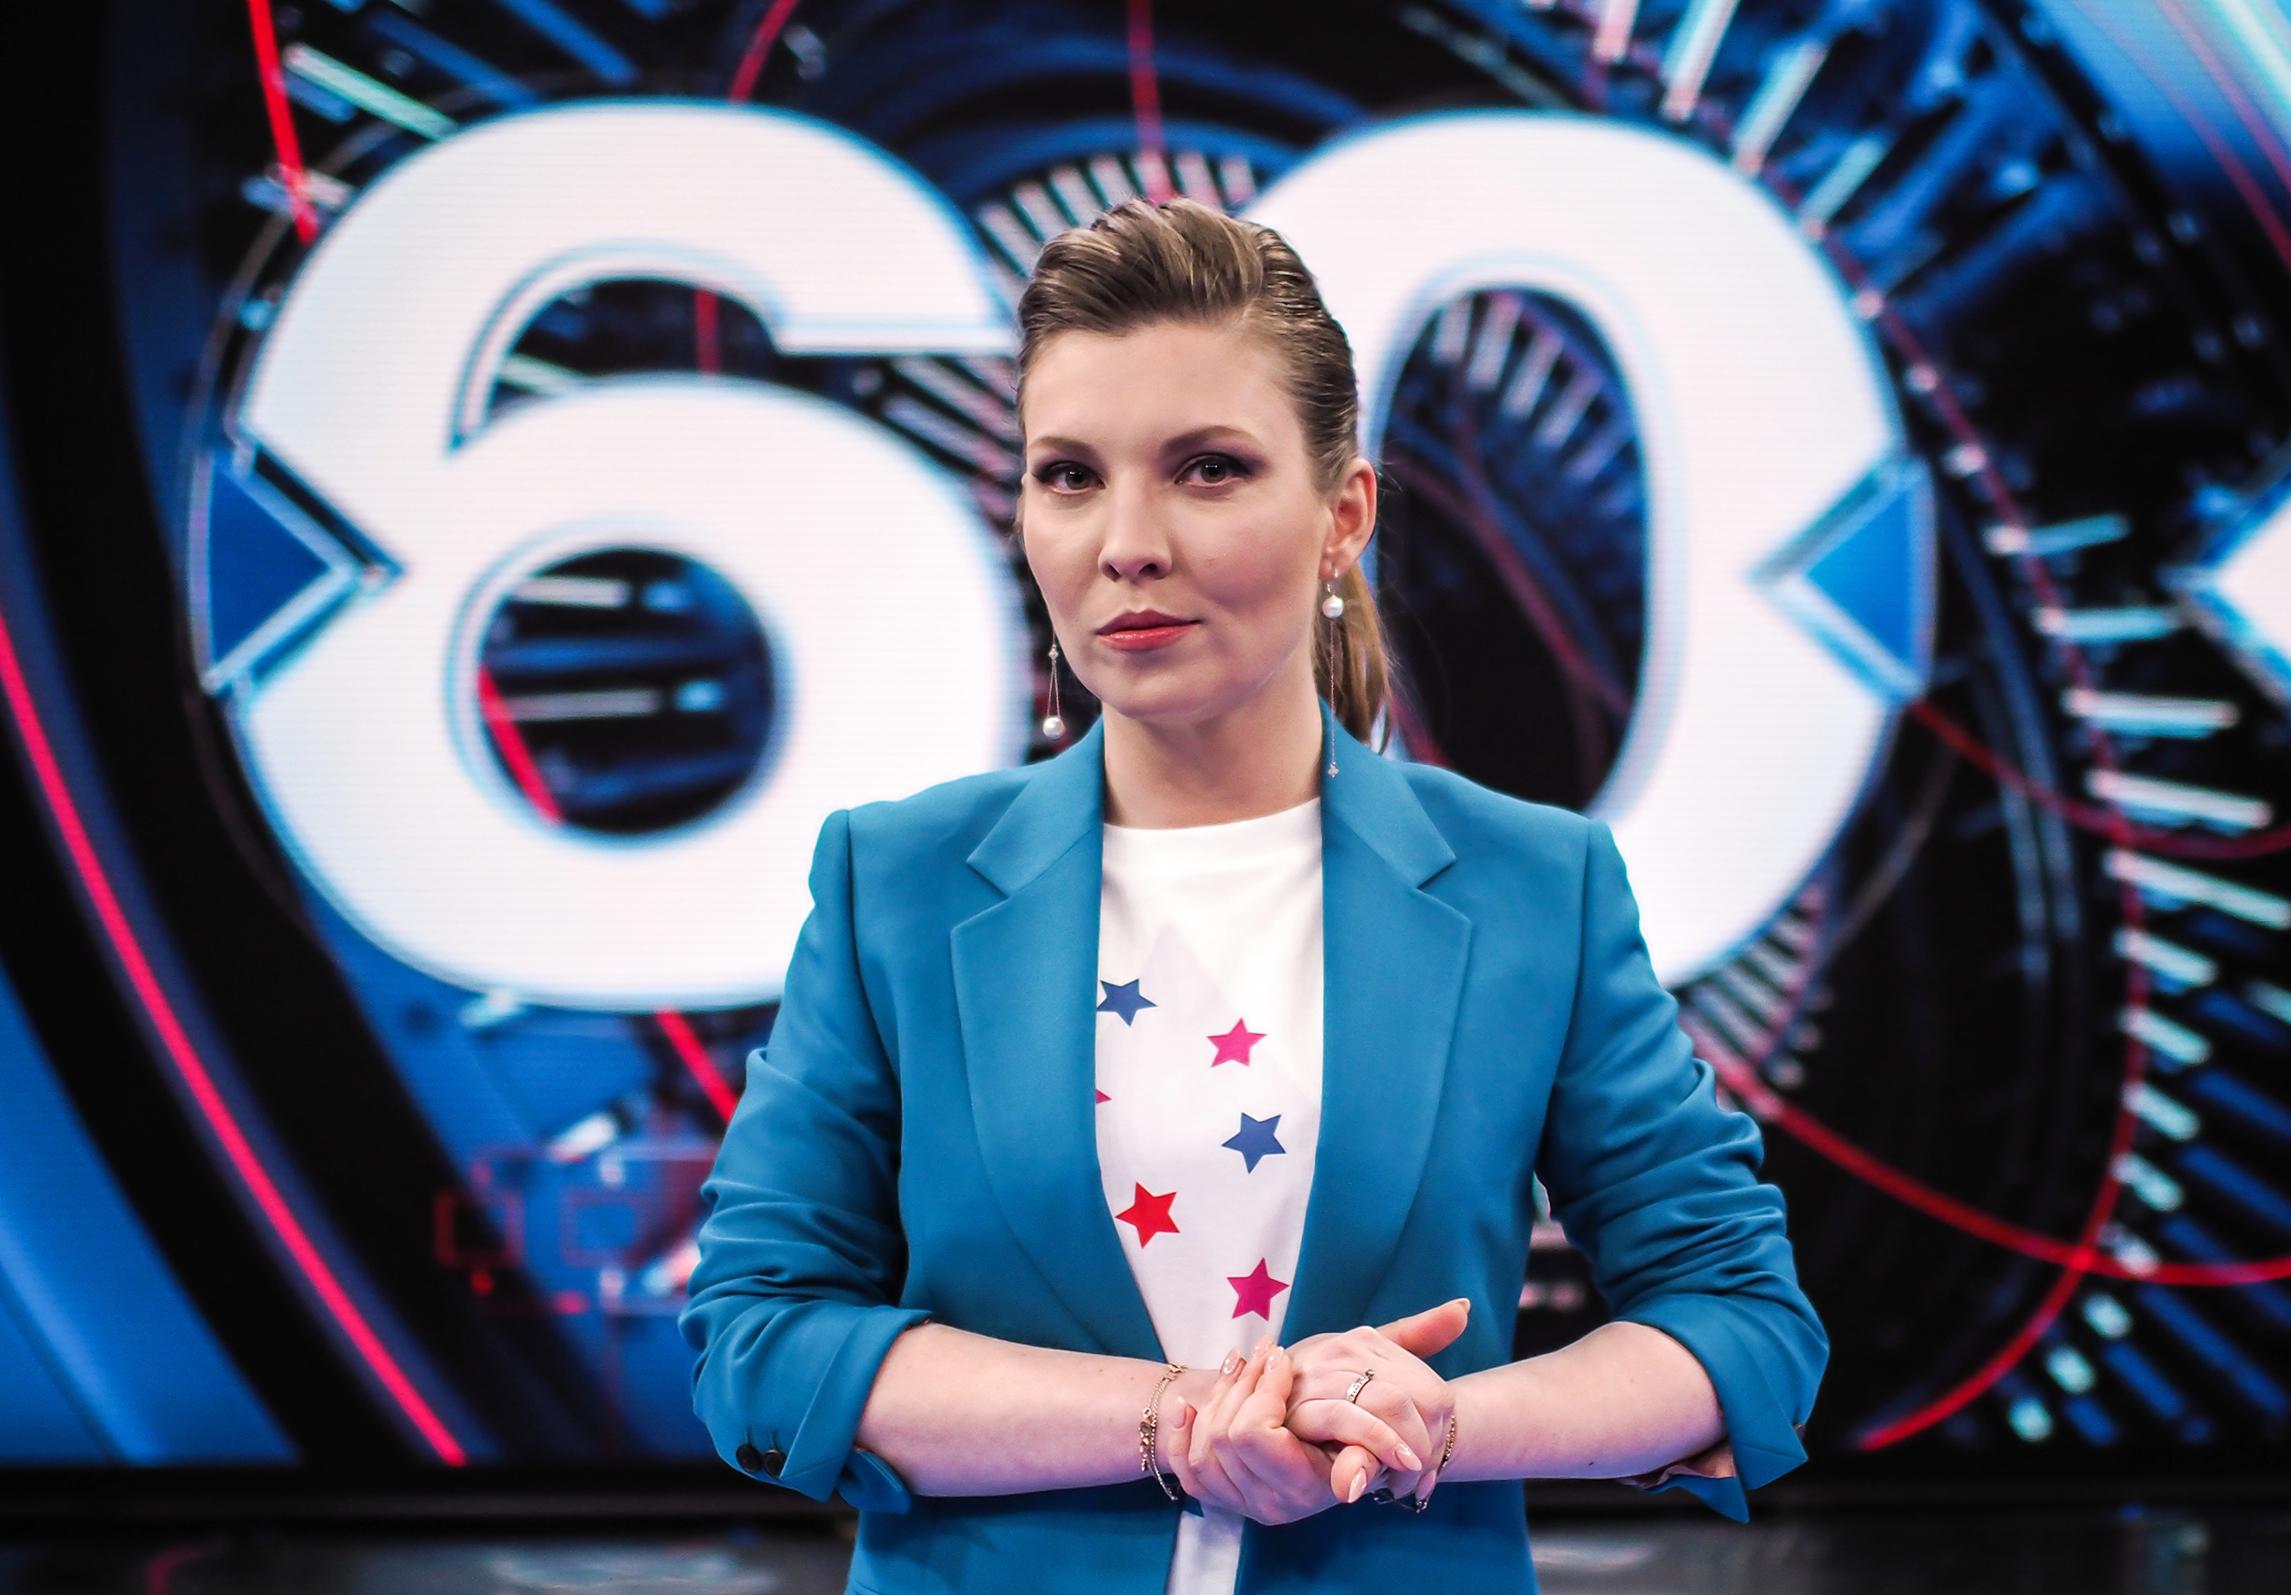 Биография телеведущей ольги скабеевой: журналистская карьера, личная жизнь